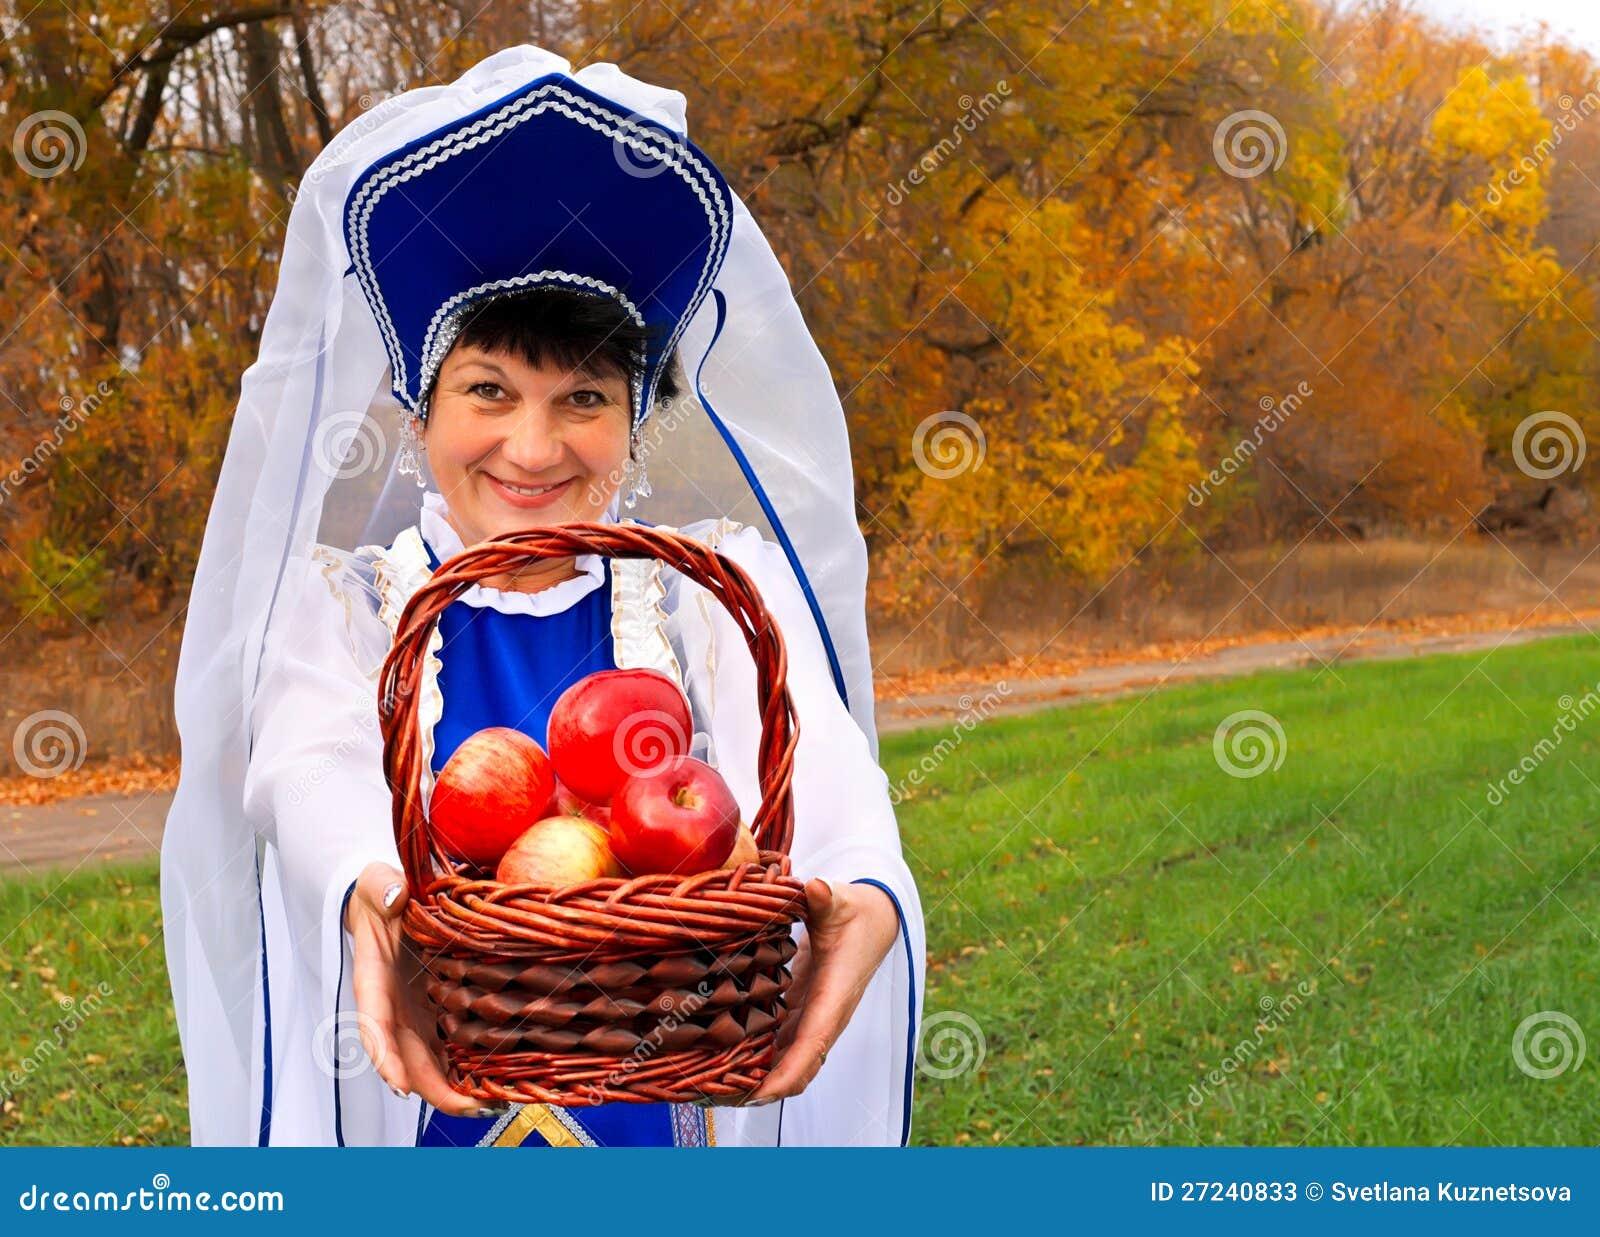 Rejuvenating apples of autumn